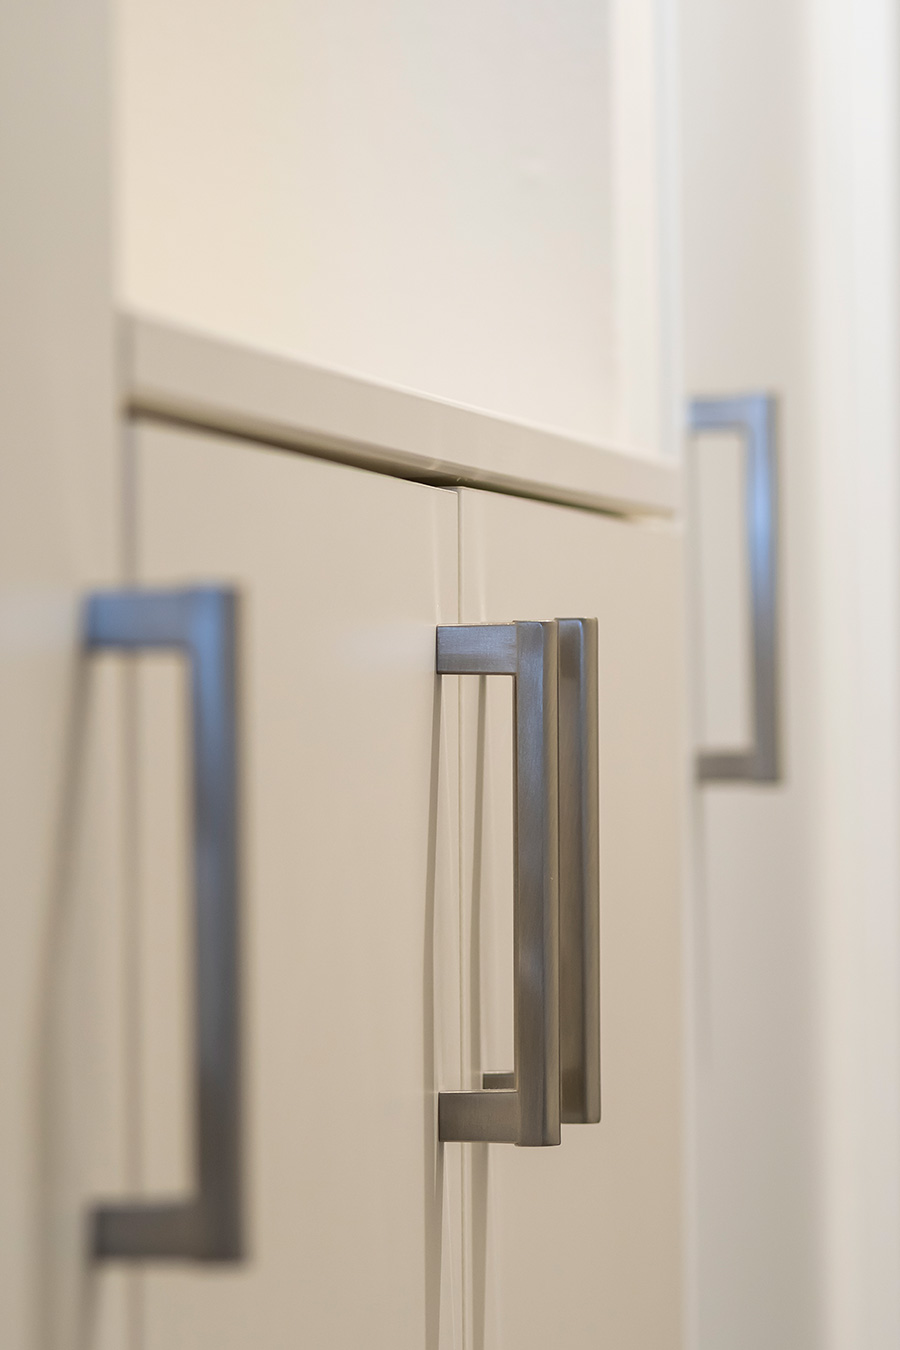 取っ手や照明スイッチは、長方形のデザインで統一。